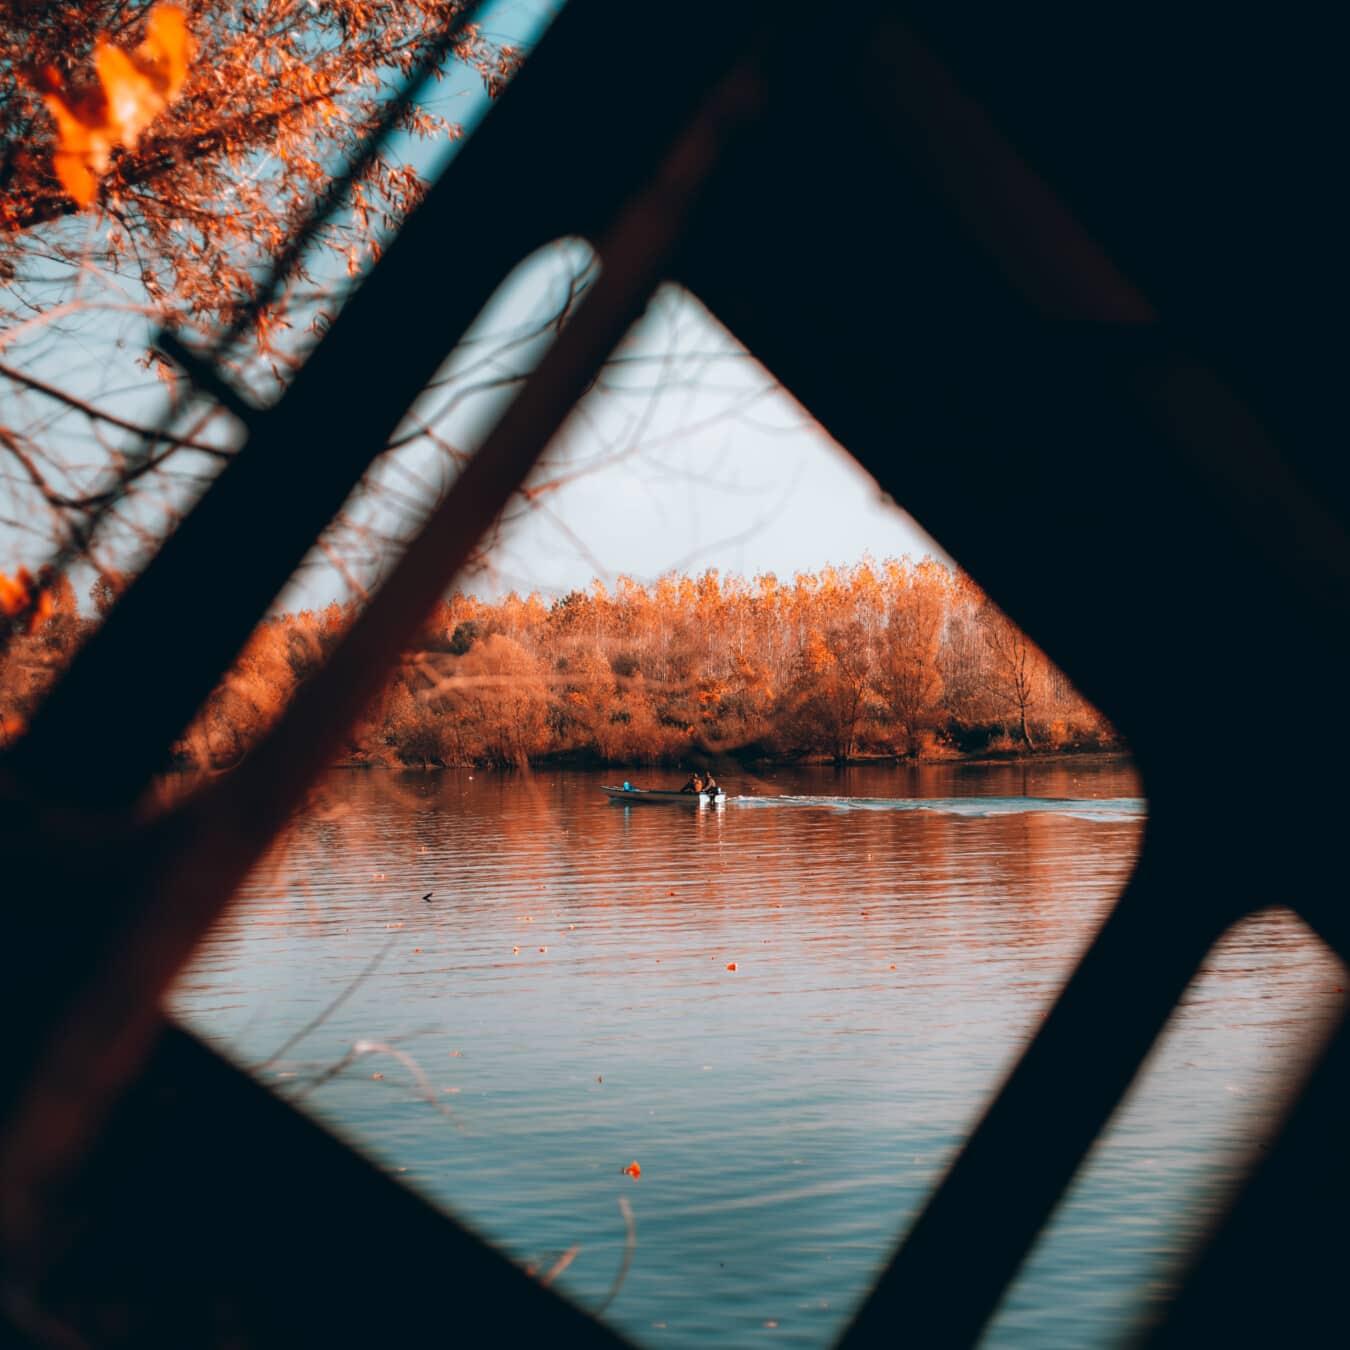 bateau de rivière, rivière, pêcheur, ombre, eau, coucher de soleil, nature, lumière, aube, soleil